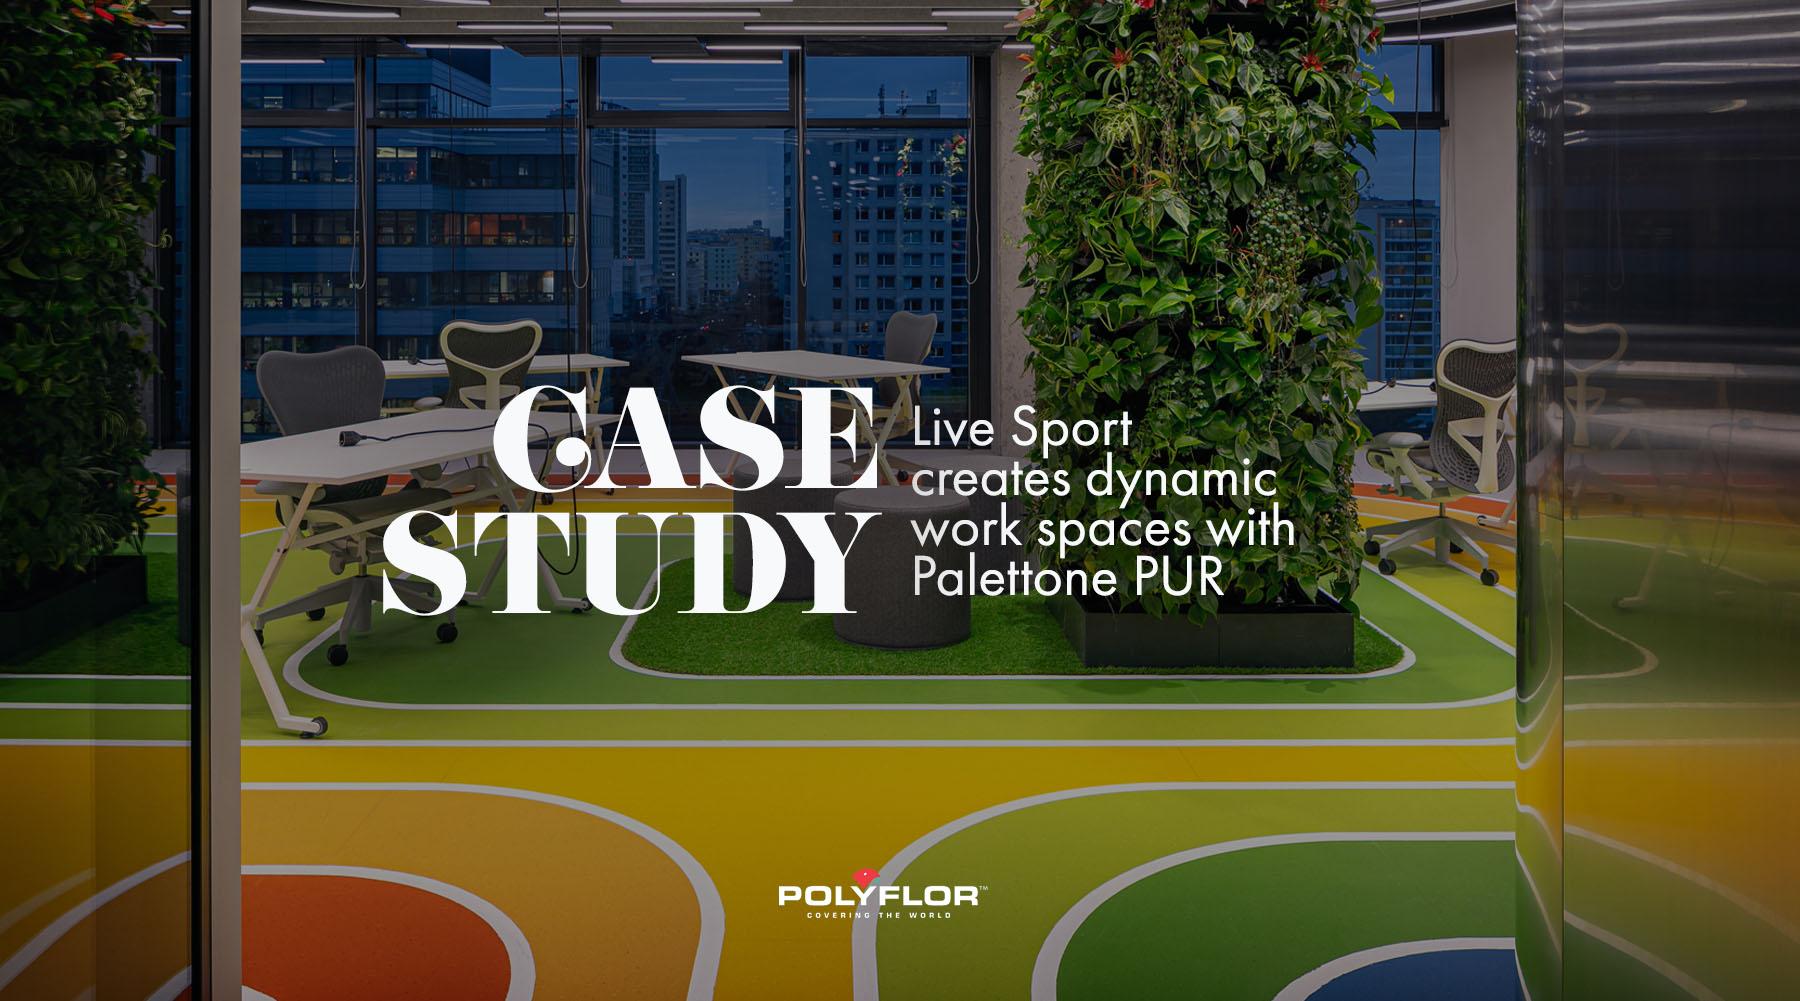 CASE STUDY: Live Sport & Palettone PUR